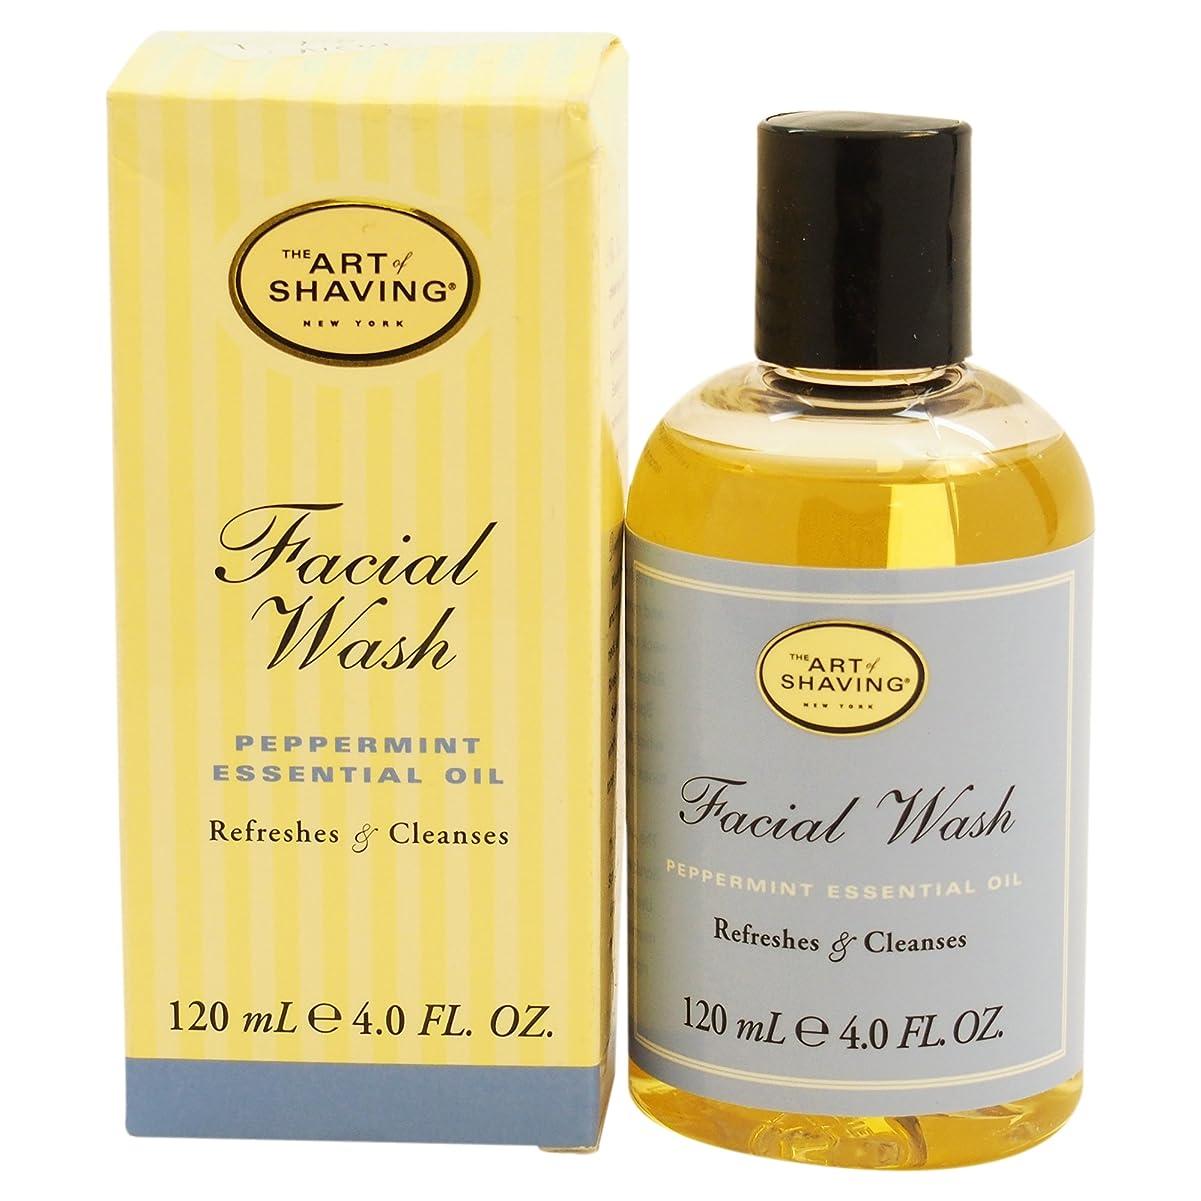 連邦もう一度何十人もThe Art Of Shaving Facial Wash With Peppermint Essential Oil (並行輸入品) [並行輸入品]